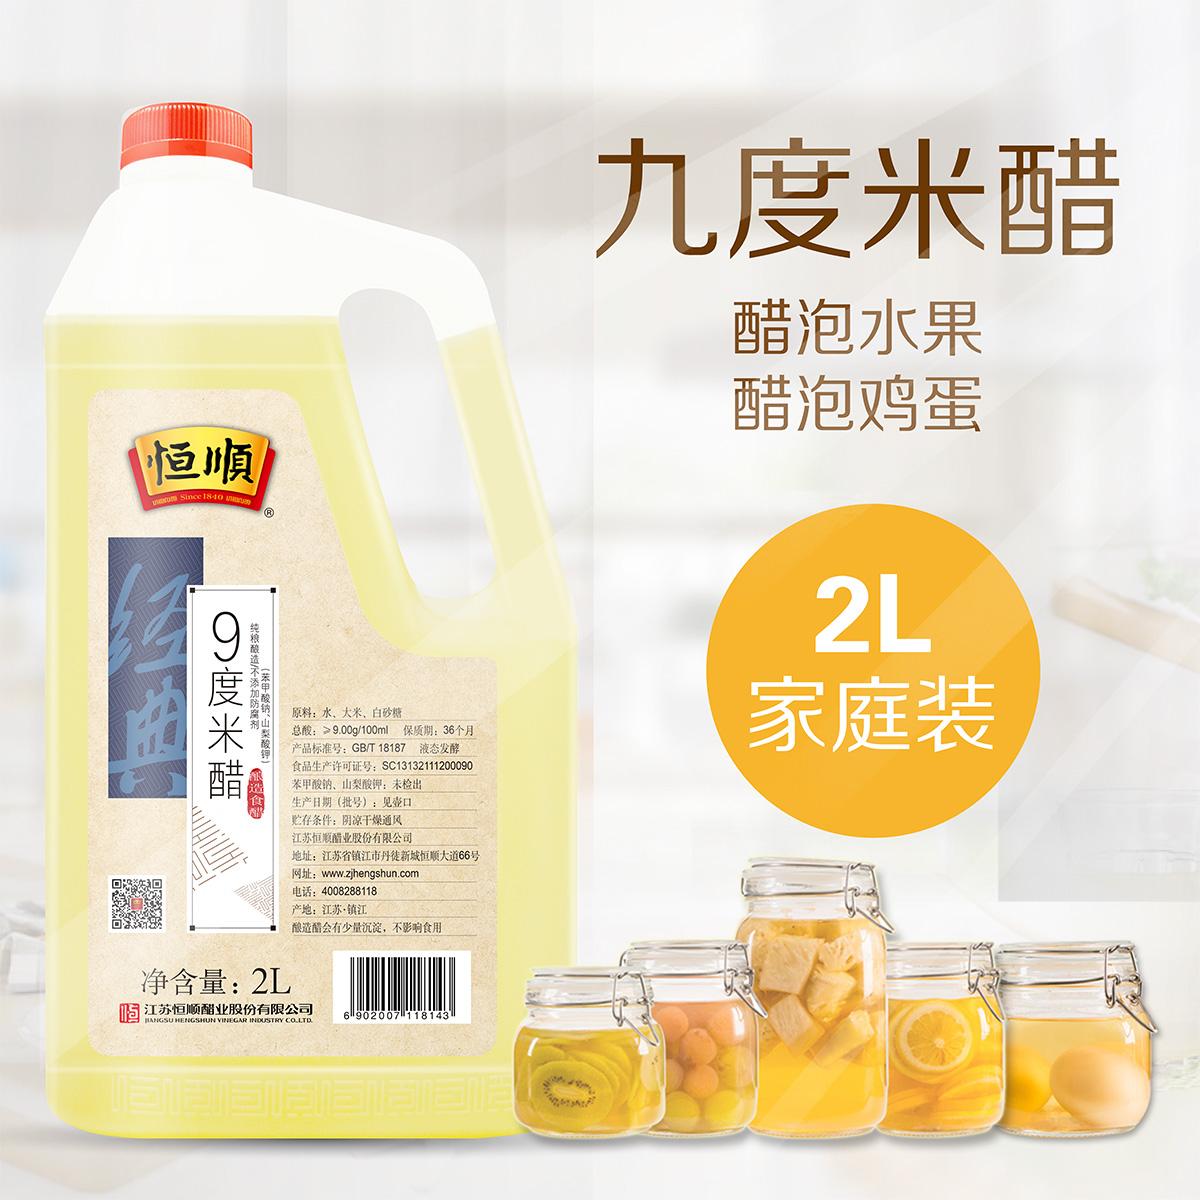 恒顺9度米醋2L 泡醋蛋黄豆黑豆花生玫瑰醋泡水果苹果香蕉九度米醋